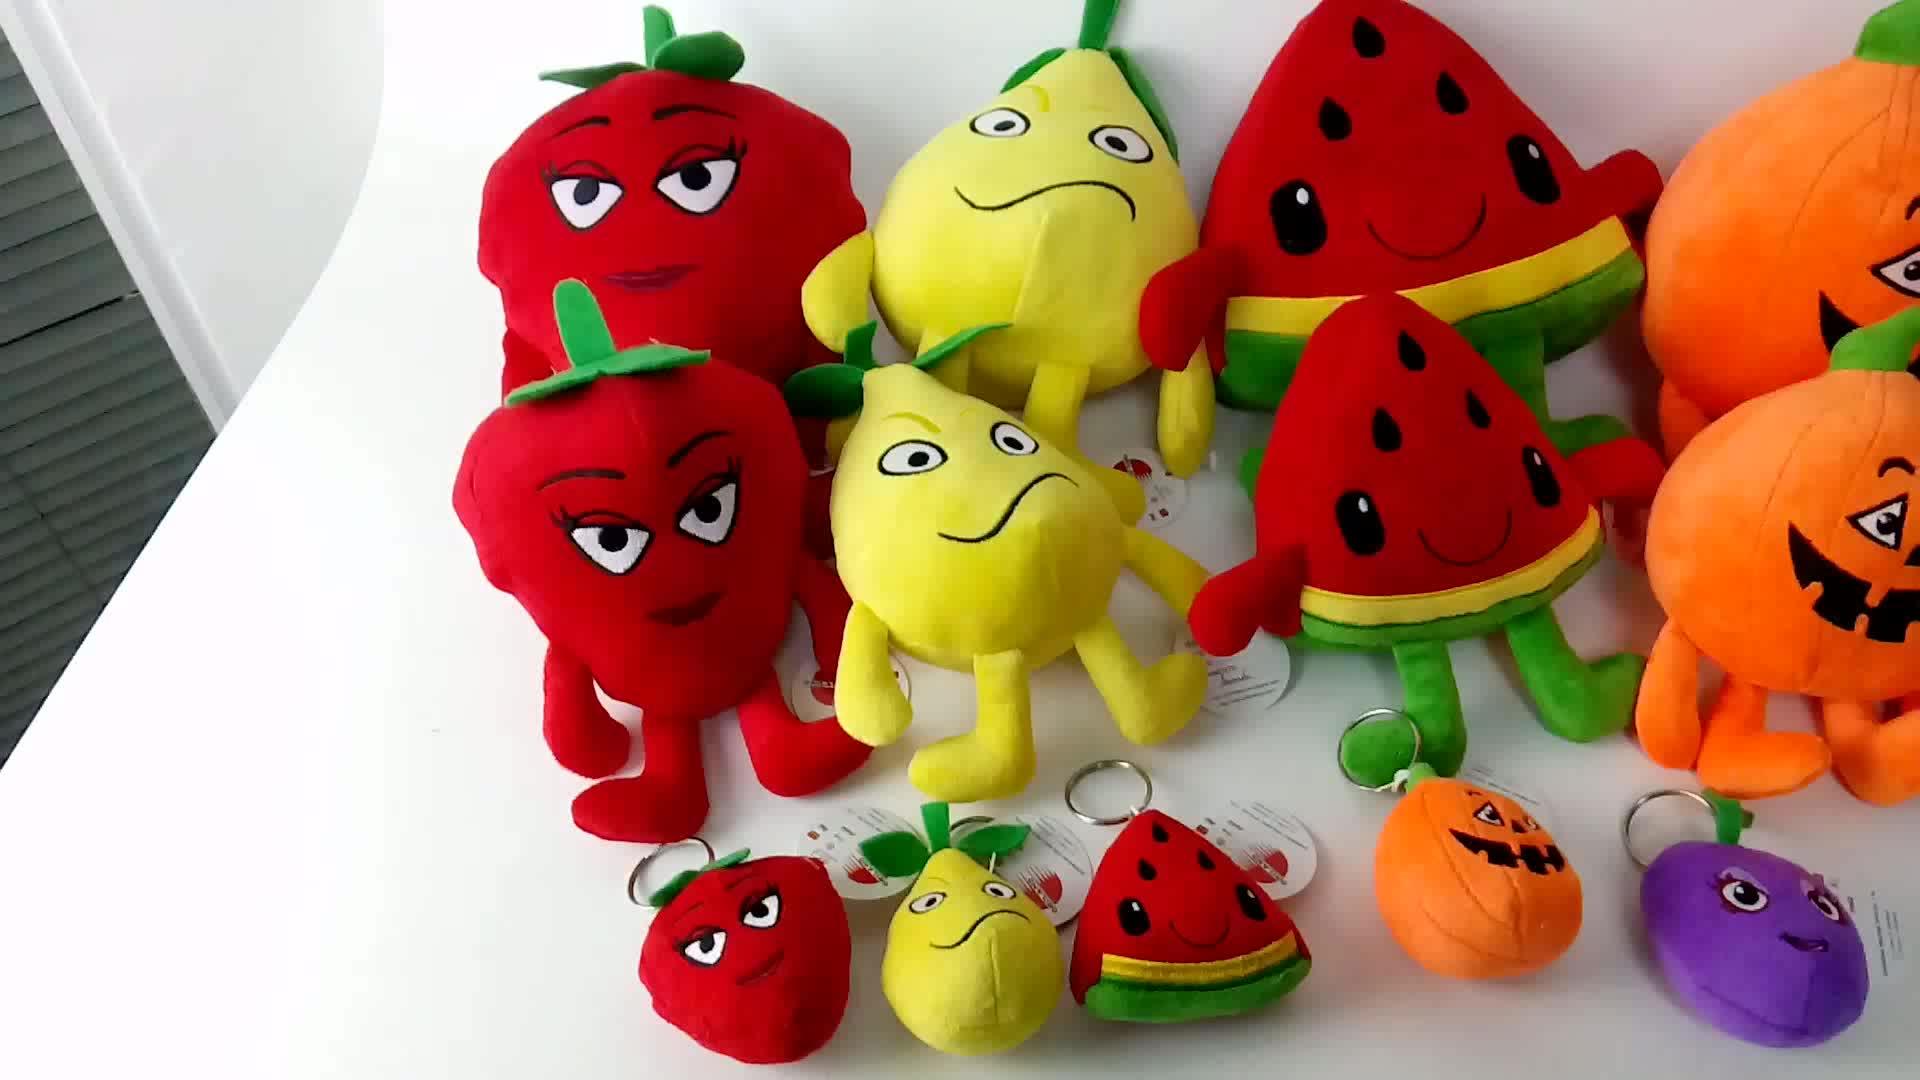 Мягкие плюшевая игрушка брелок милые оранжевые фруктовые игрушки брелок